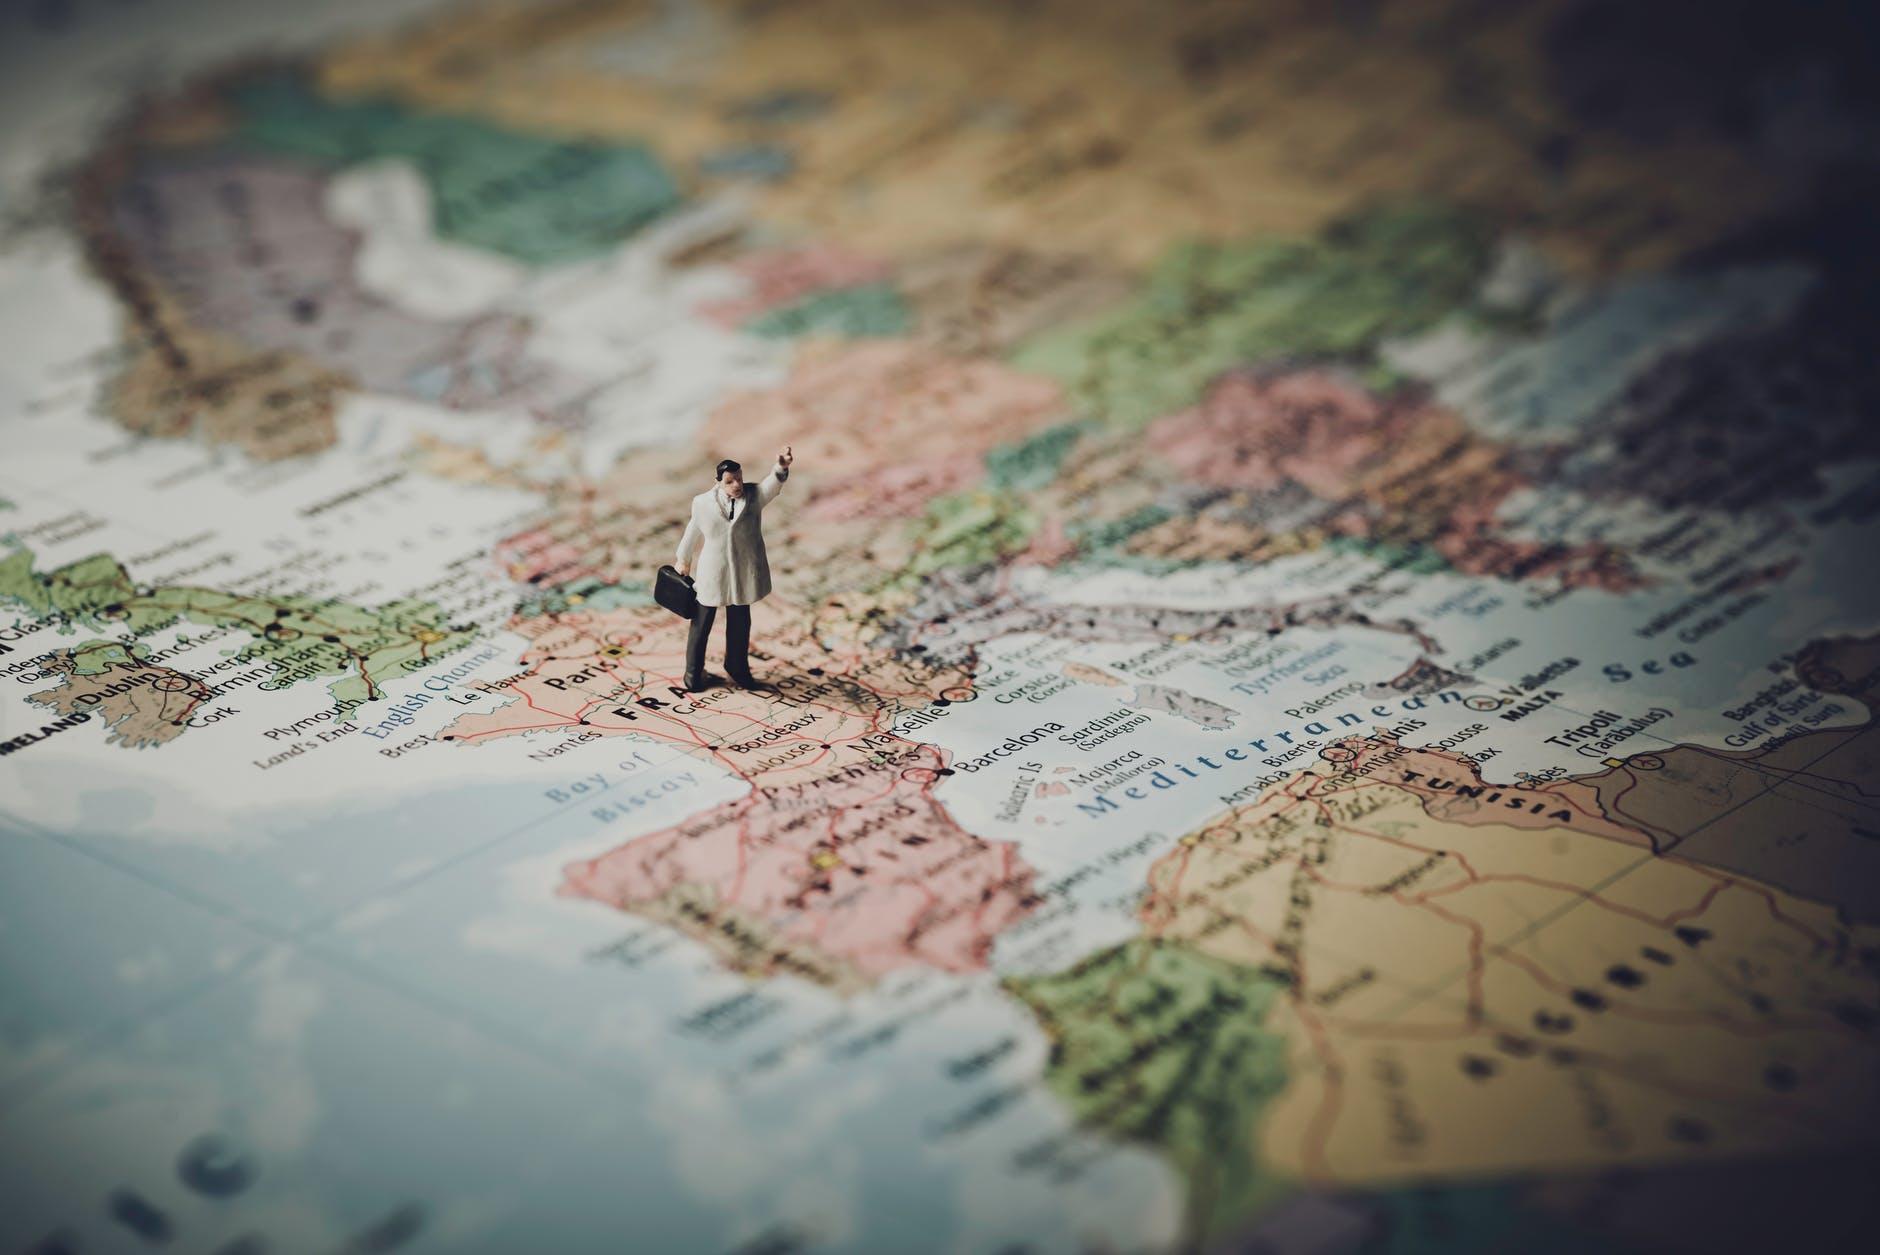 Pandangan Bijak dalam Menghadapi Tantangan Ekonomi Global